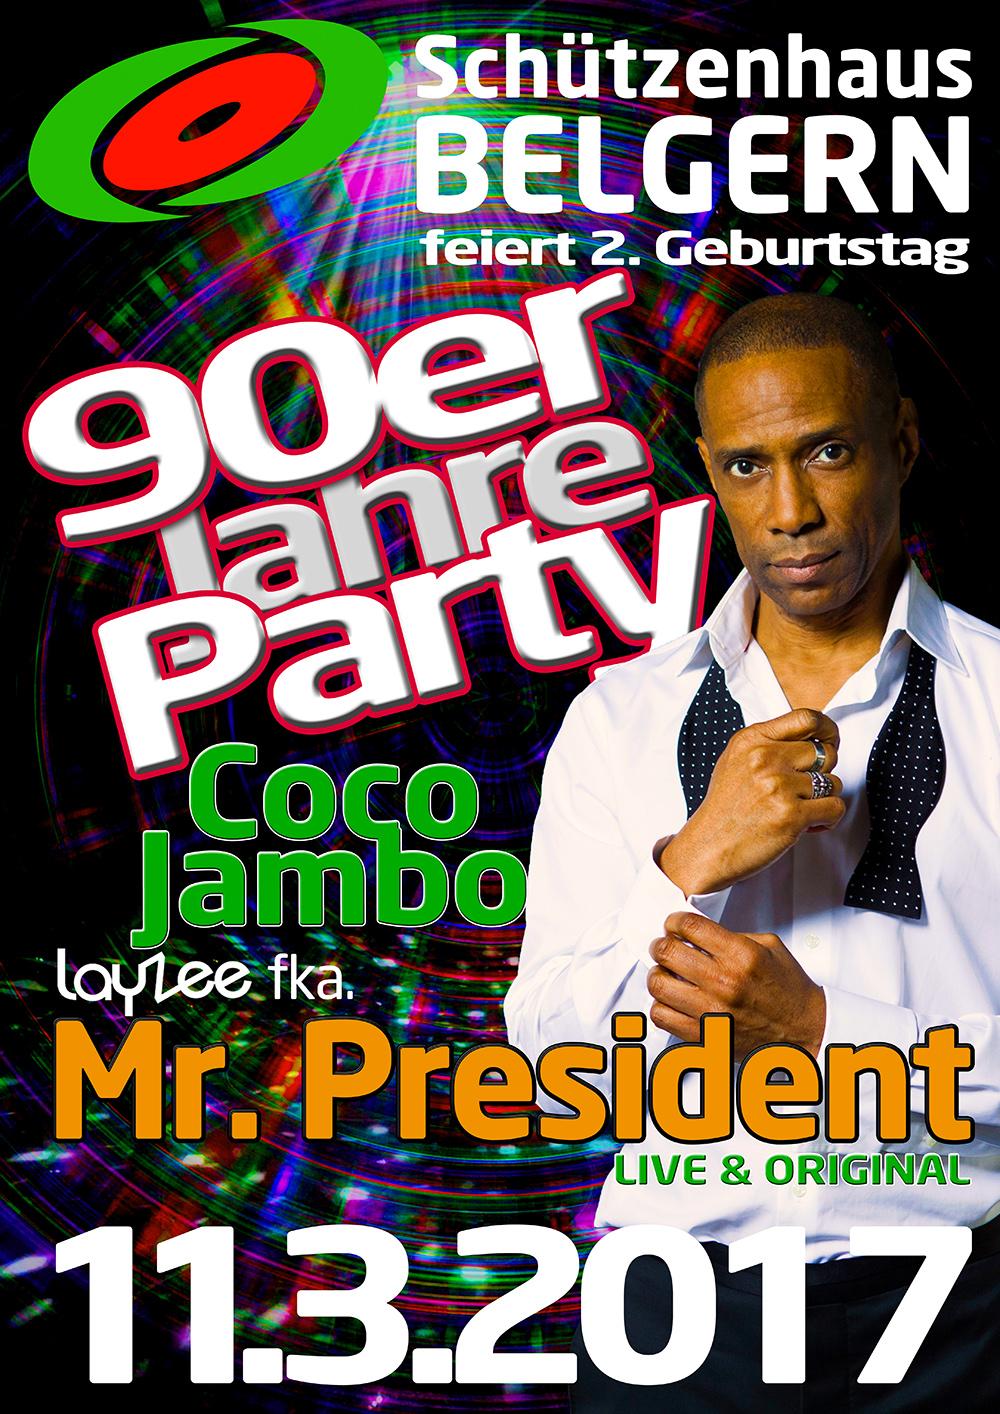 plakat-2017-mr-president-klein